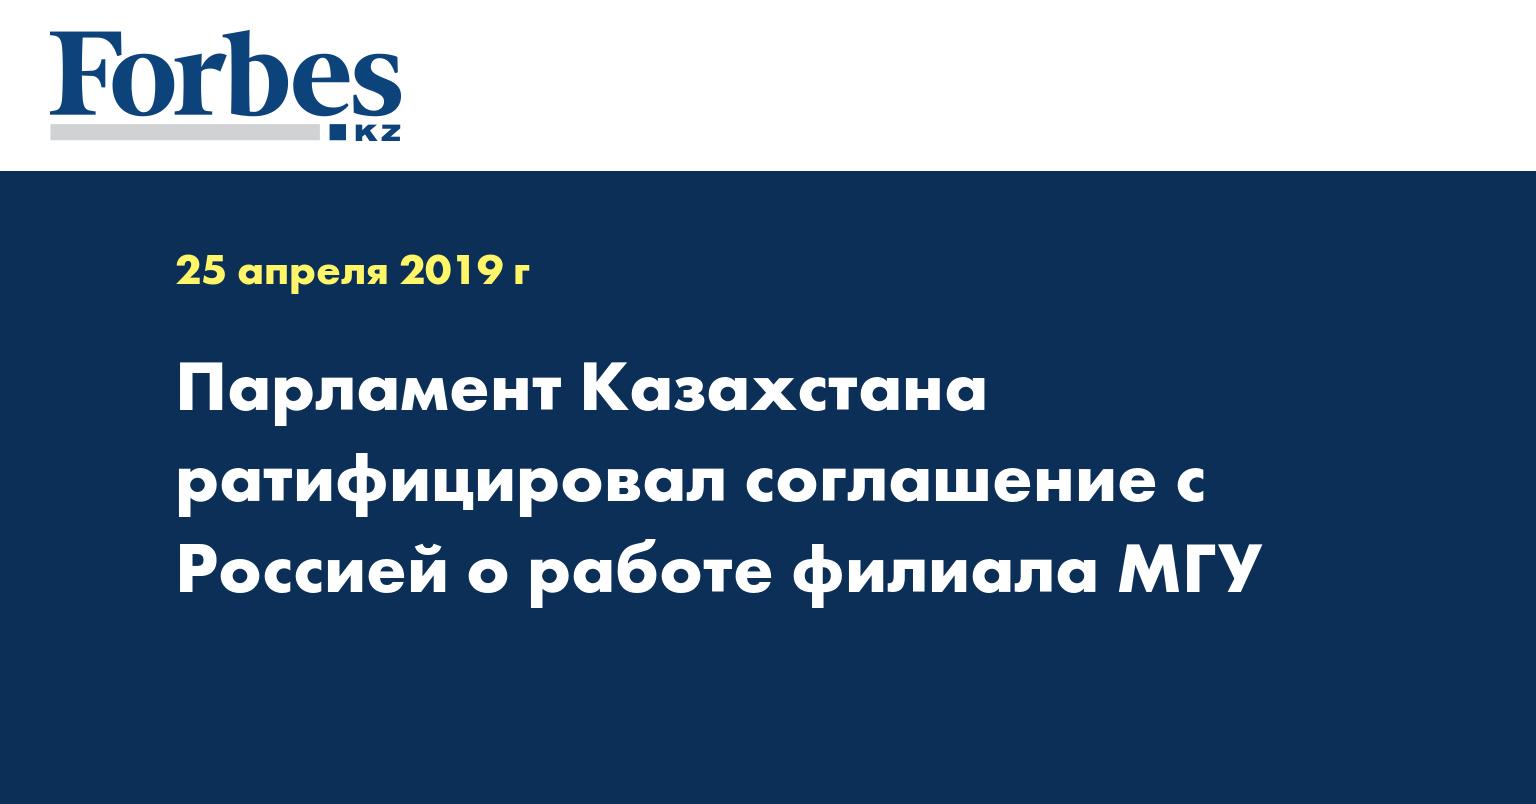 Парламент Казахстана ратифицировал соглашение с Россией о работе филиала МГУ